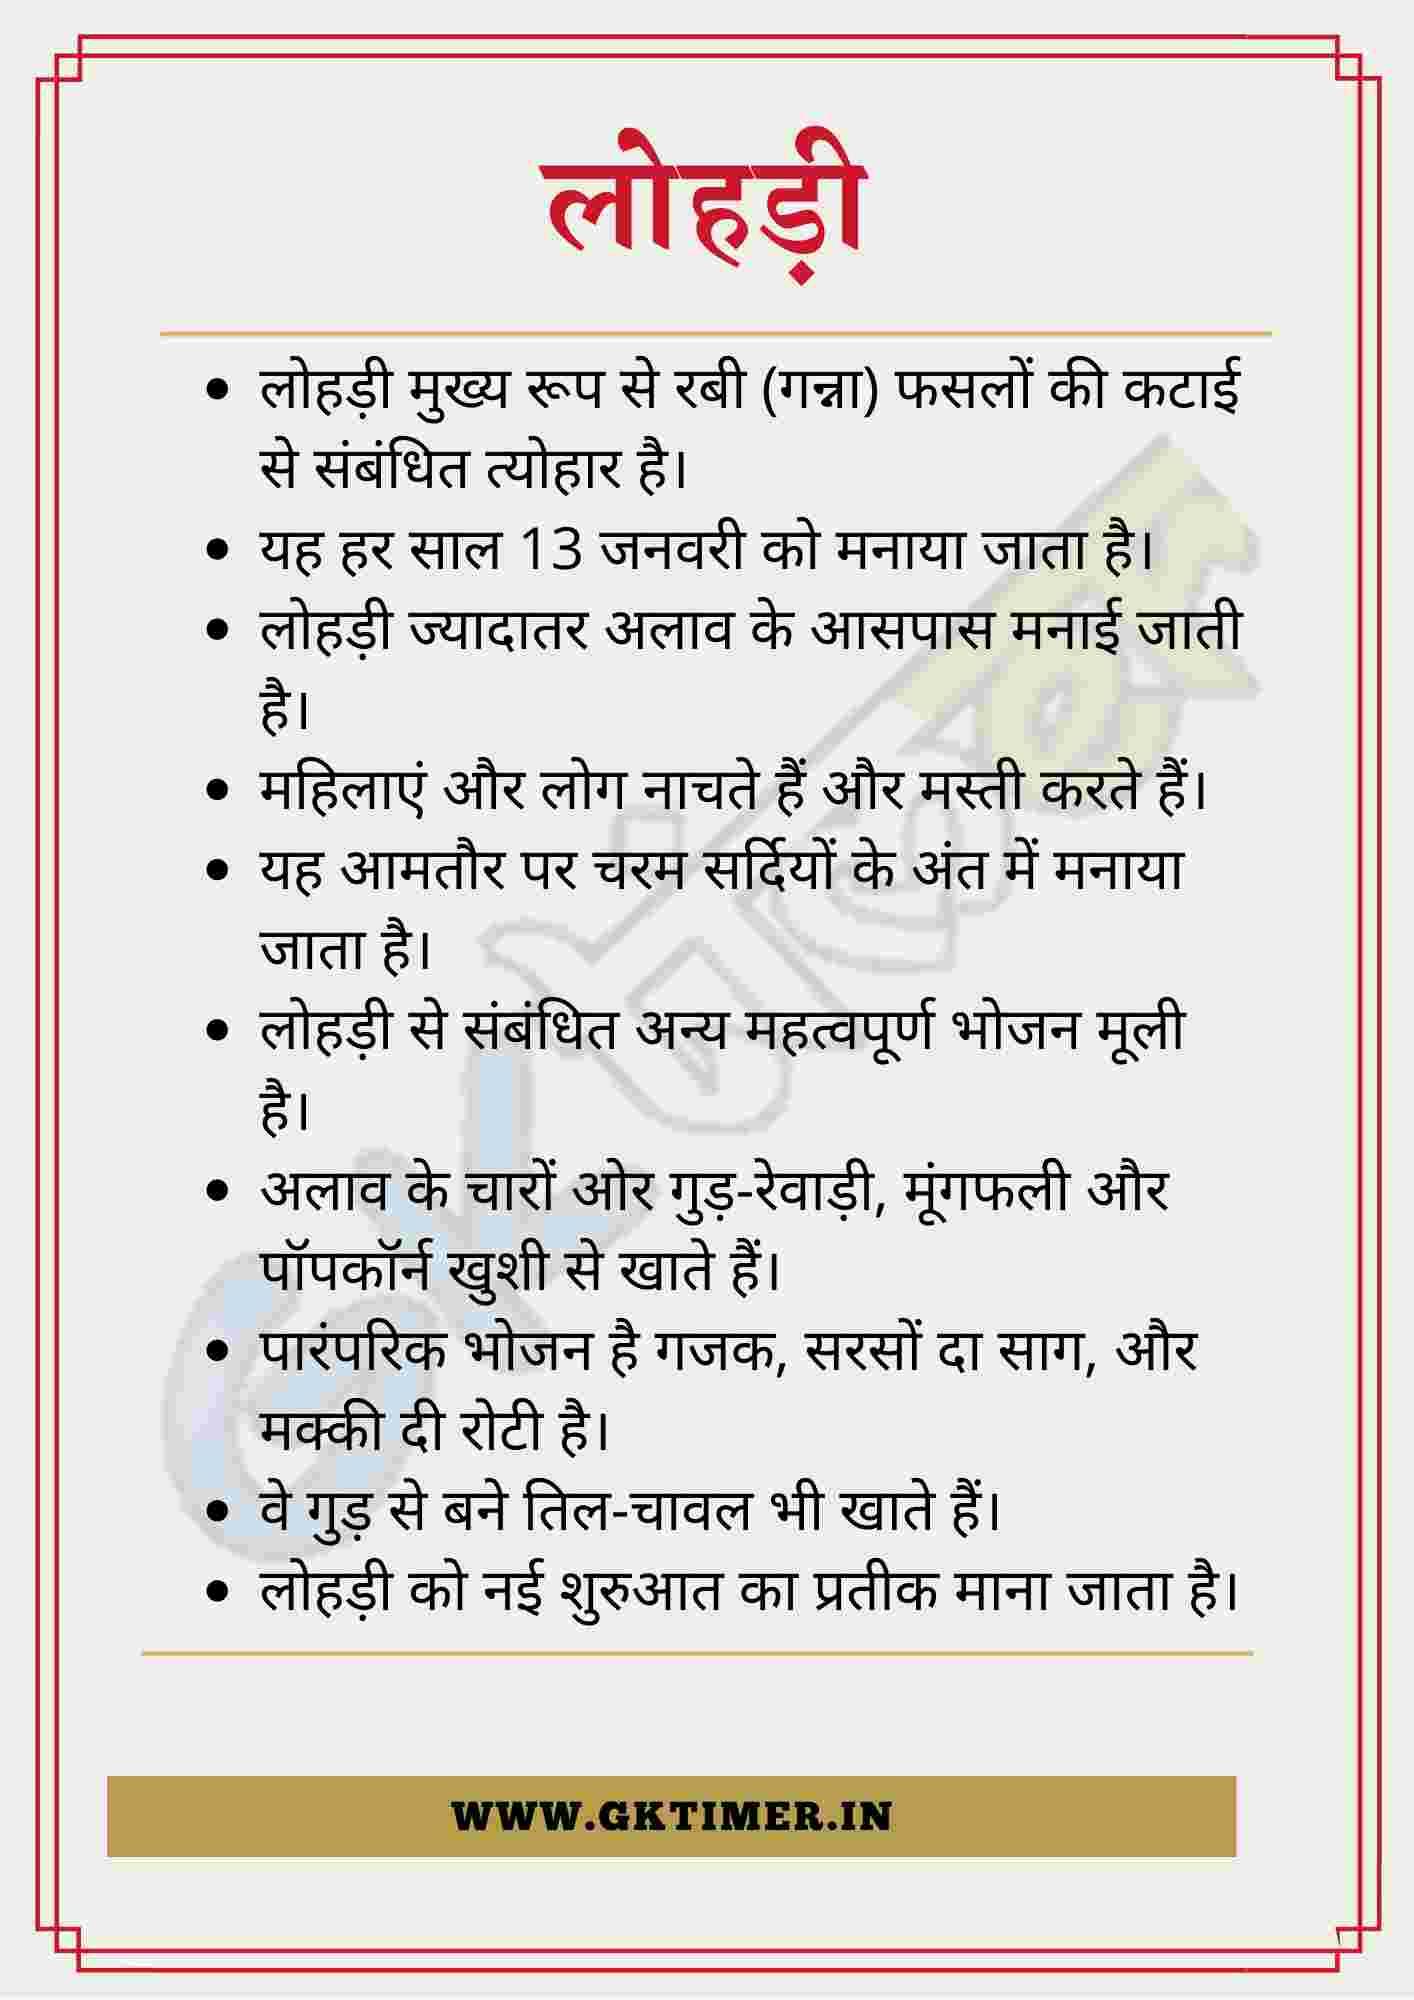 लोहड़ी पर निबंध   Lohri Essay in Hindi   10 Lines on Lohri in Hindi